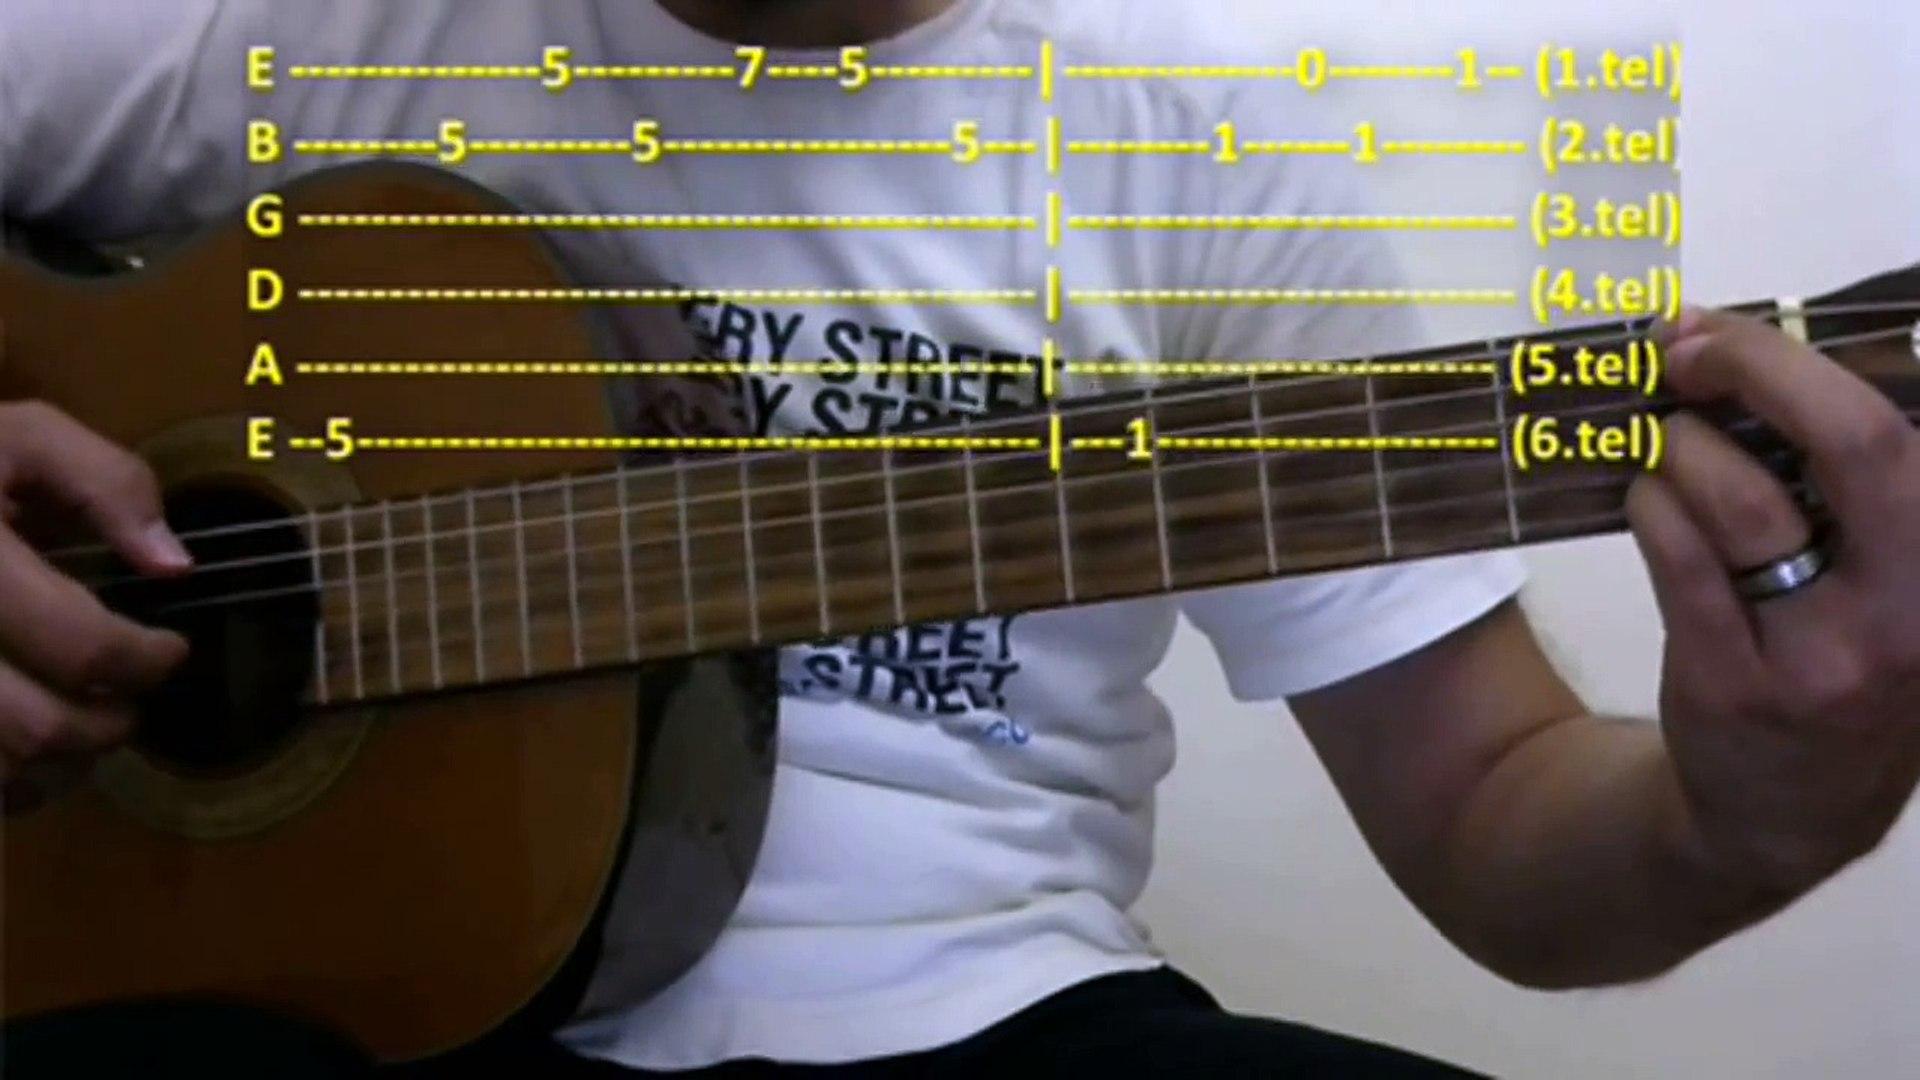 Gitar Dersi - Her Aşk Bir Gün Biter (Oğuzhan Koç)